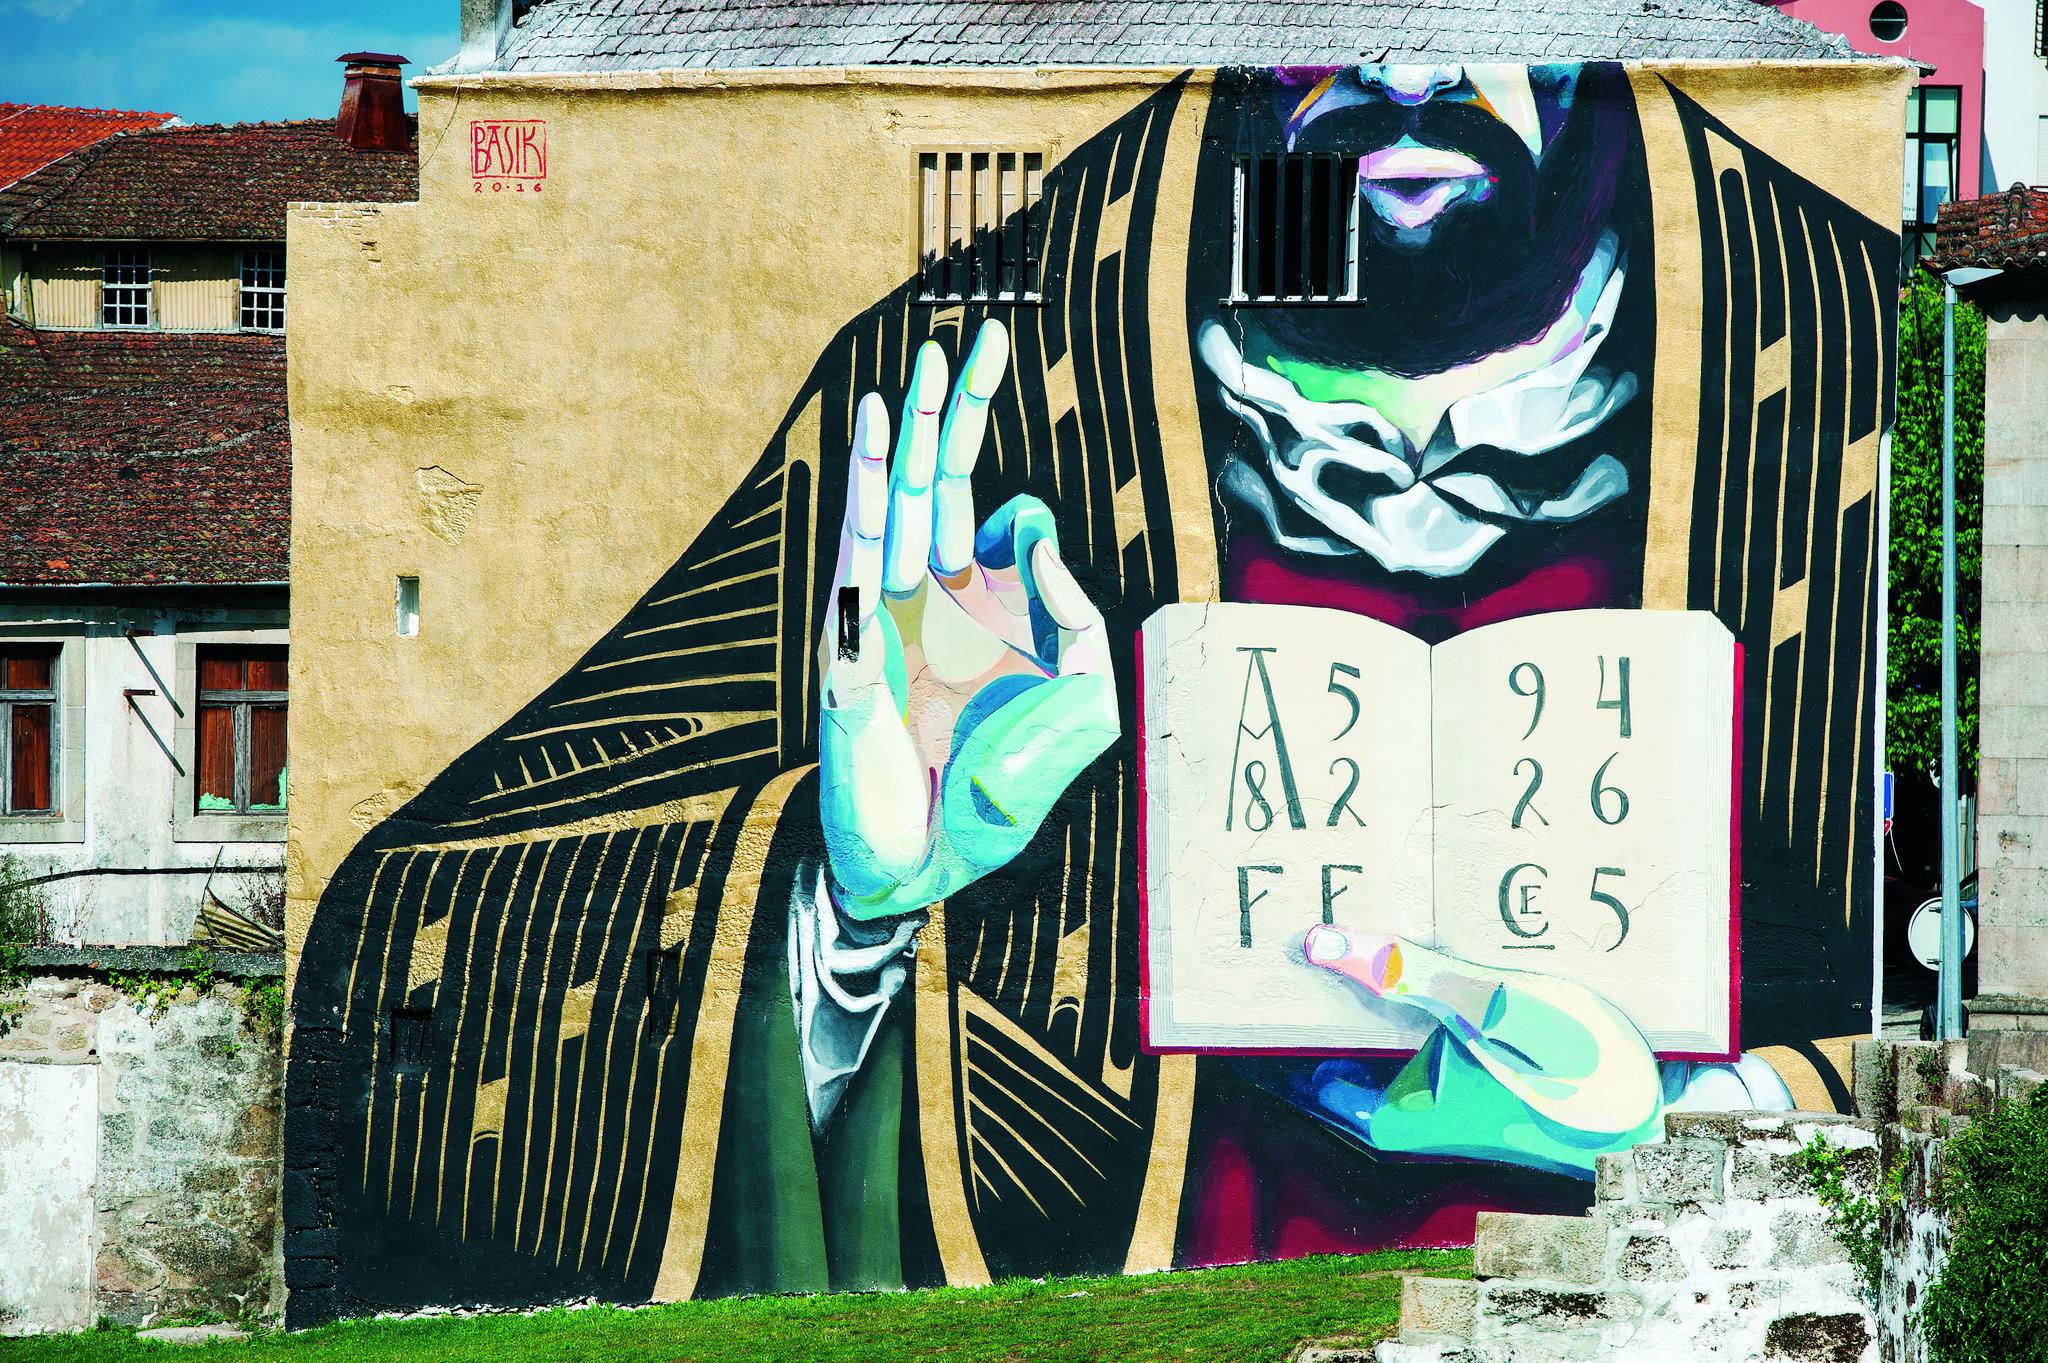 TONS DA PRIMAVERA- Município de Viseu - Rui da Cruz mural BASIK.jpg